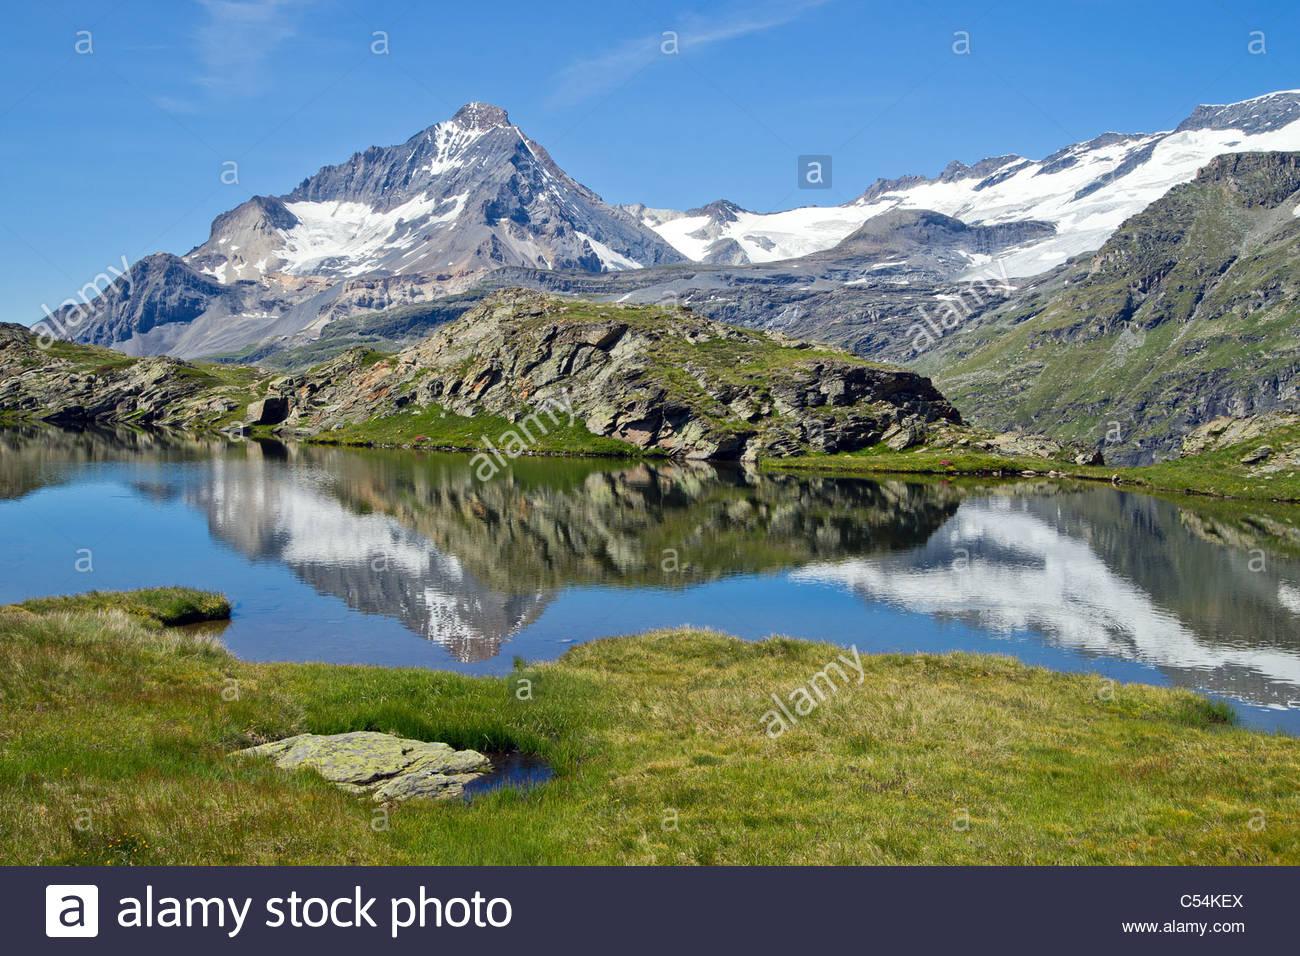 Reflexiones de la Dent Parrachée en lago alpino de Vanoise cordillera - Maurienne - Saboya (Francia) Imagen De Stock